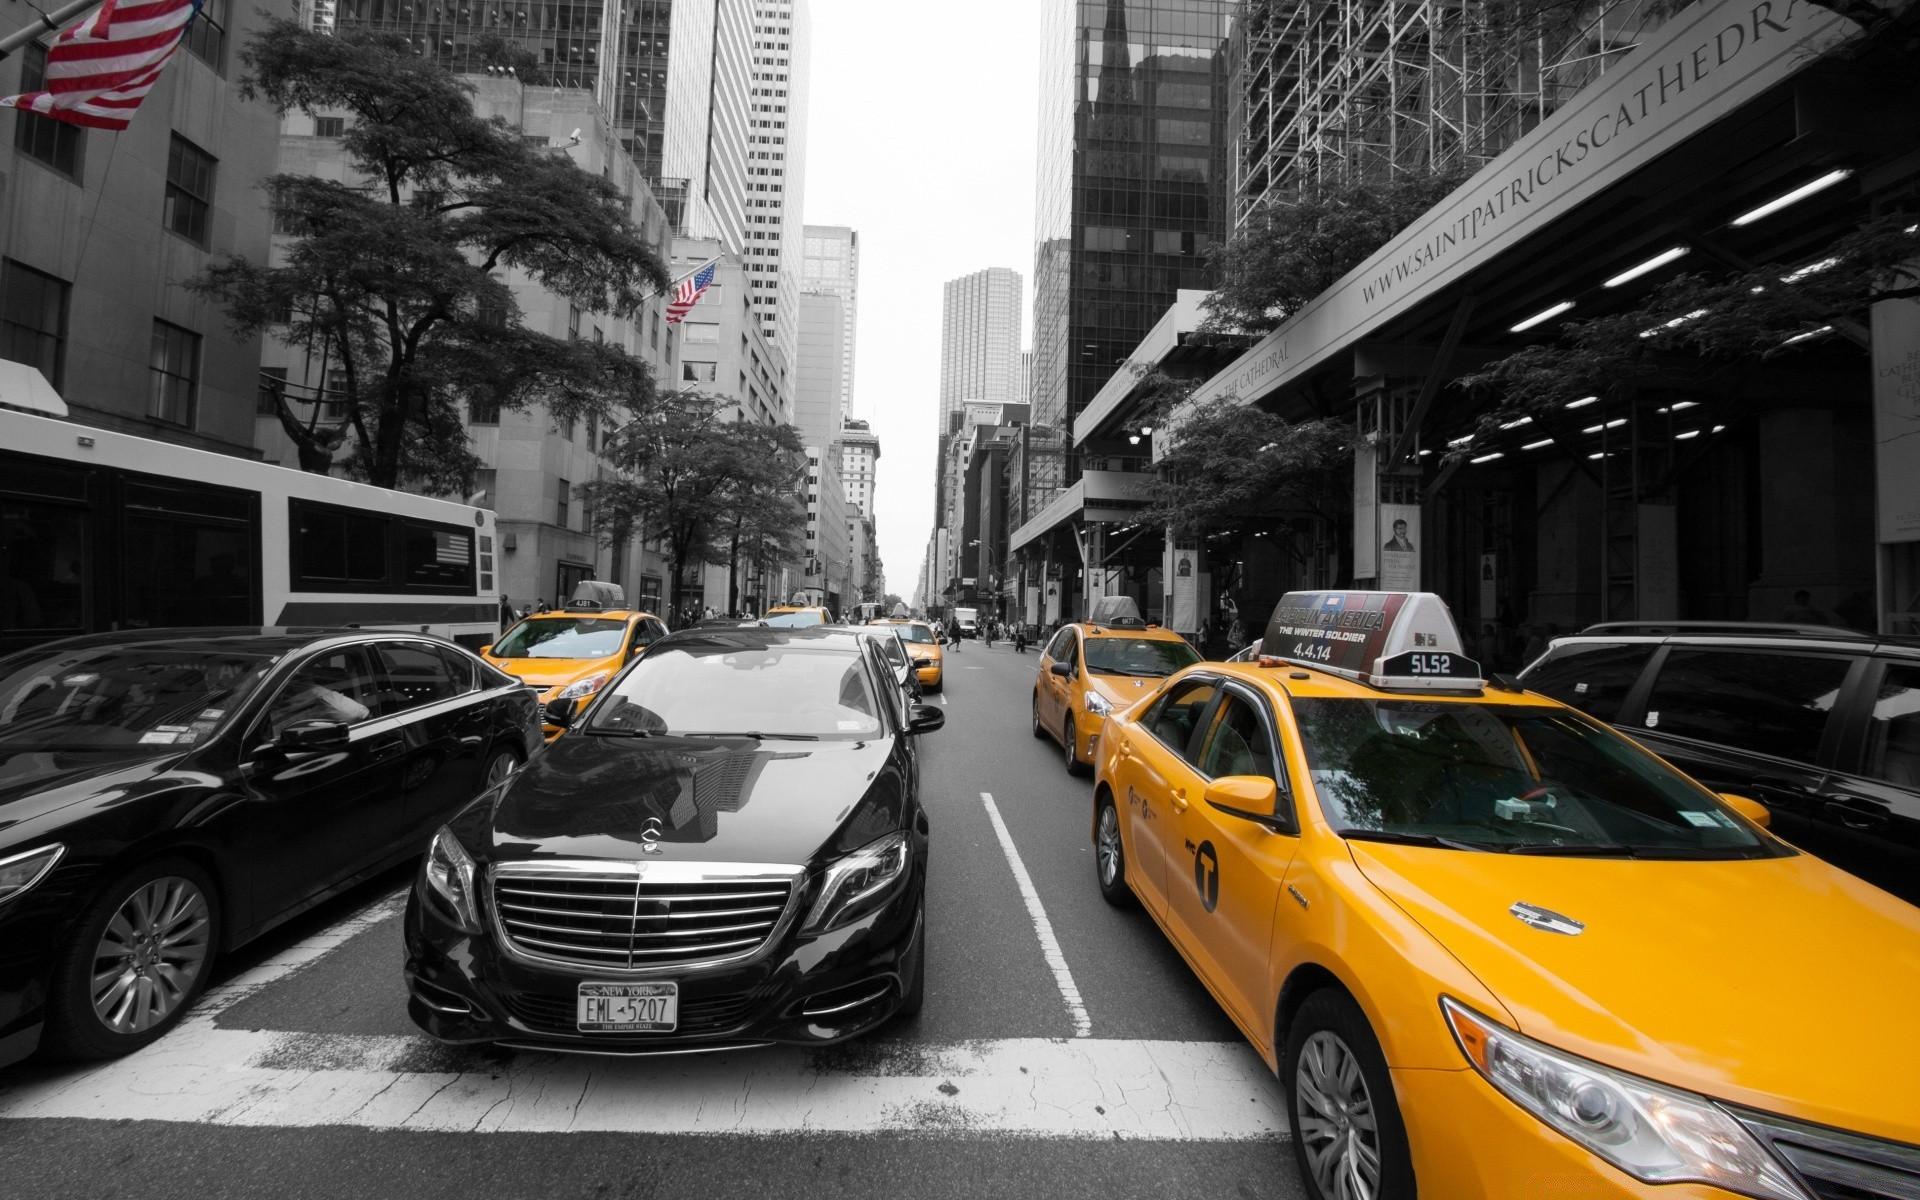 картинки такси для рабочего стола тех, кто